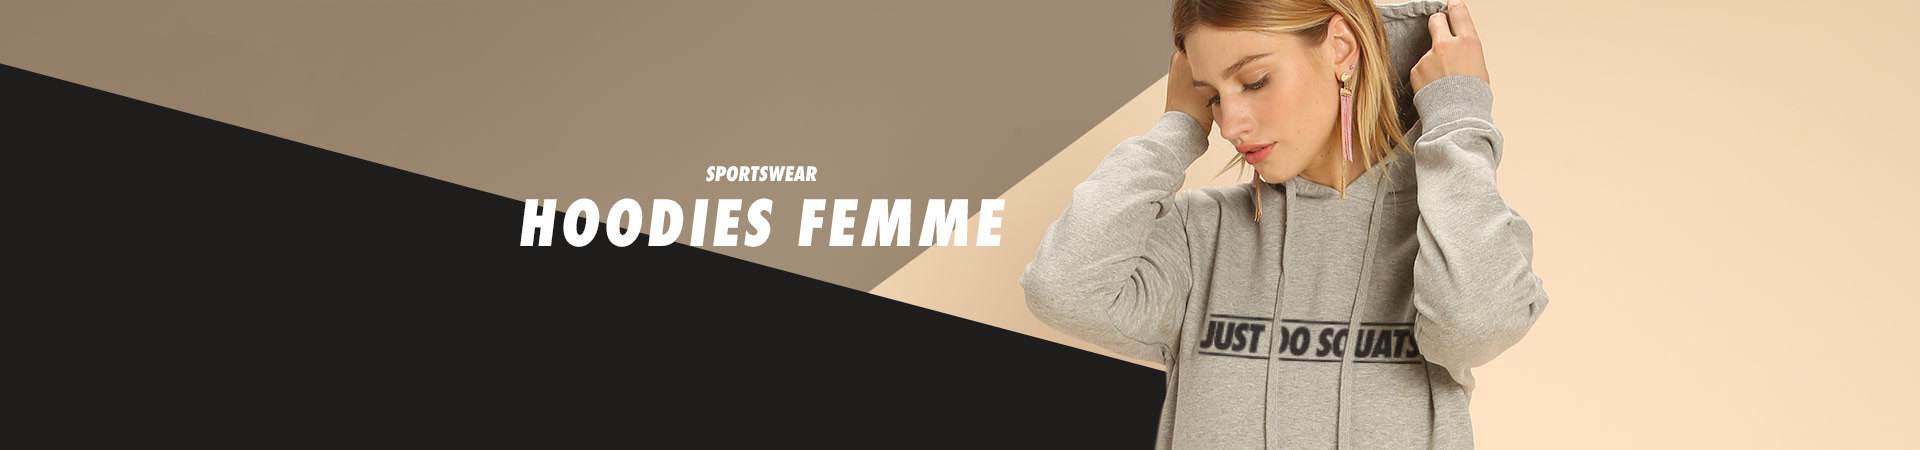 Hoodies Femme